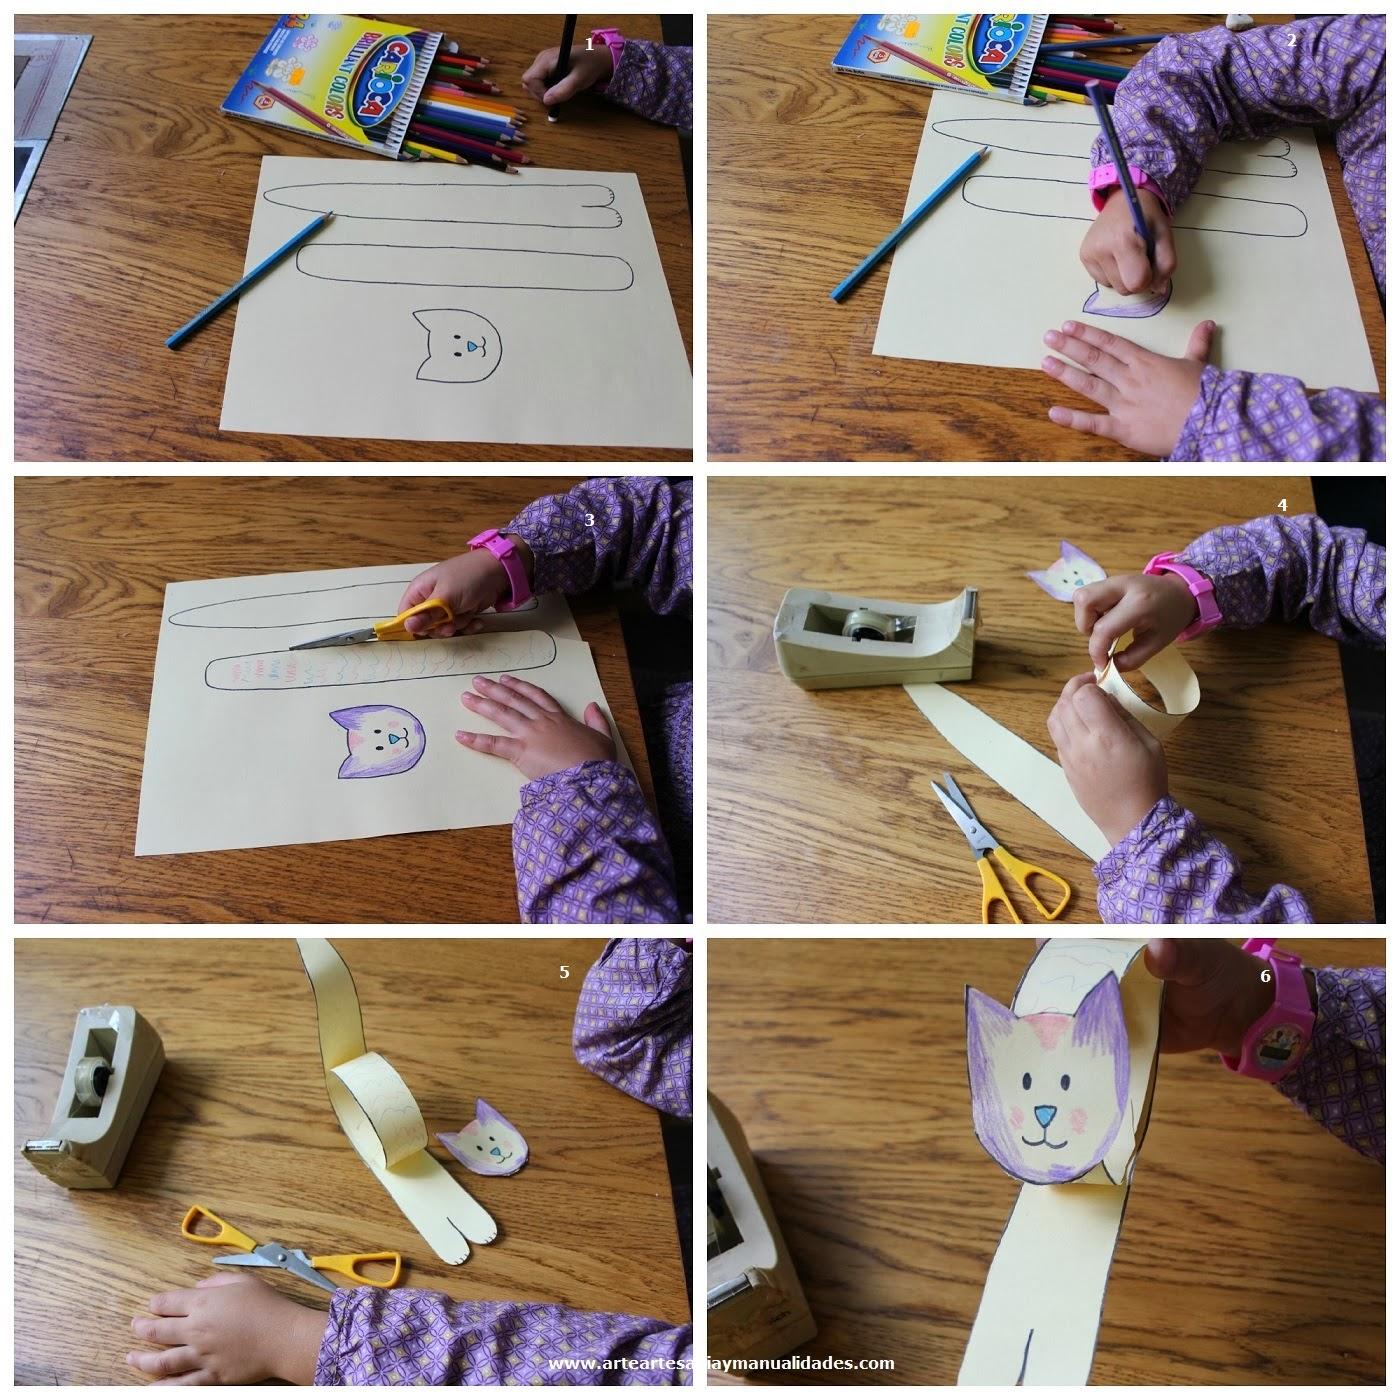 1) Dibuja en un papel algo similar a lo que veis en la imagen (dos tiras  largas y una cabeza). 2) Pinta a tu gusto. 3)Recorta todas las partes.